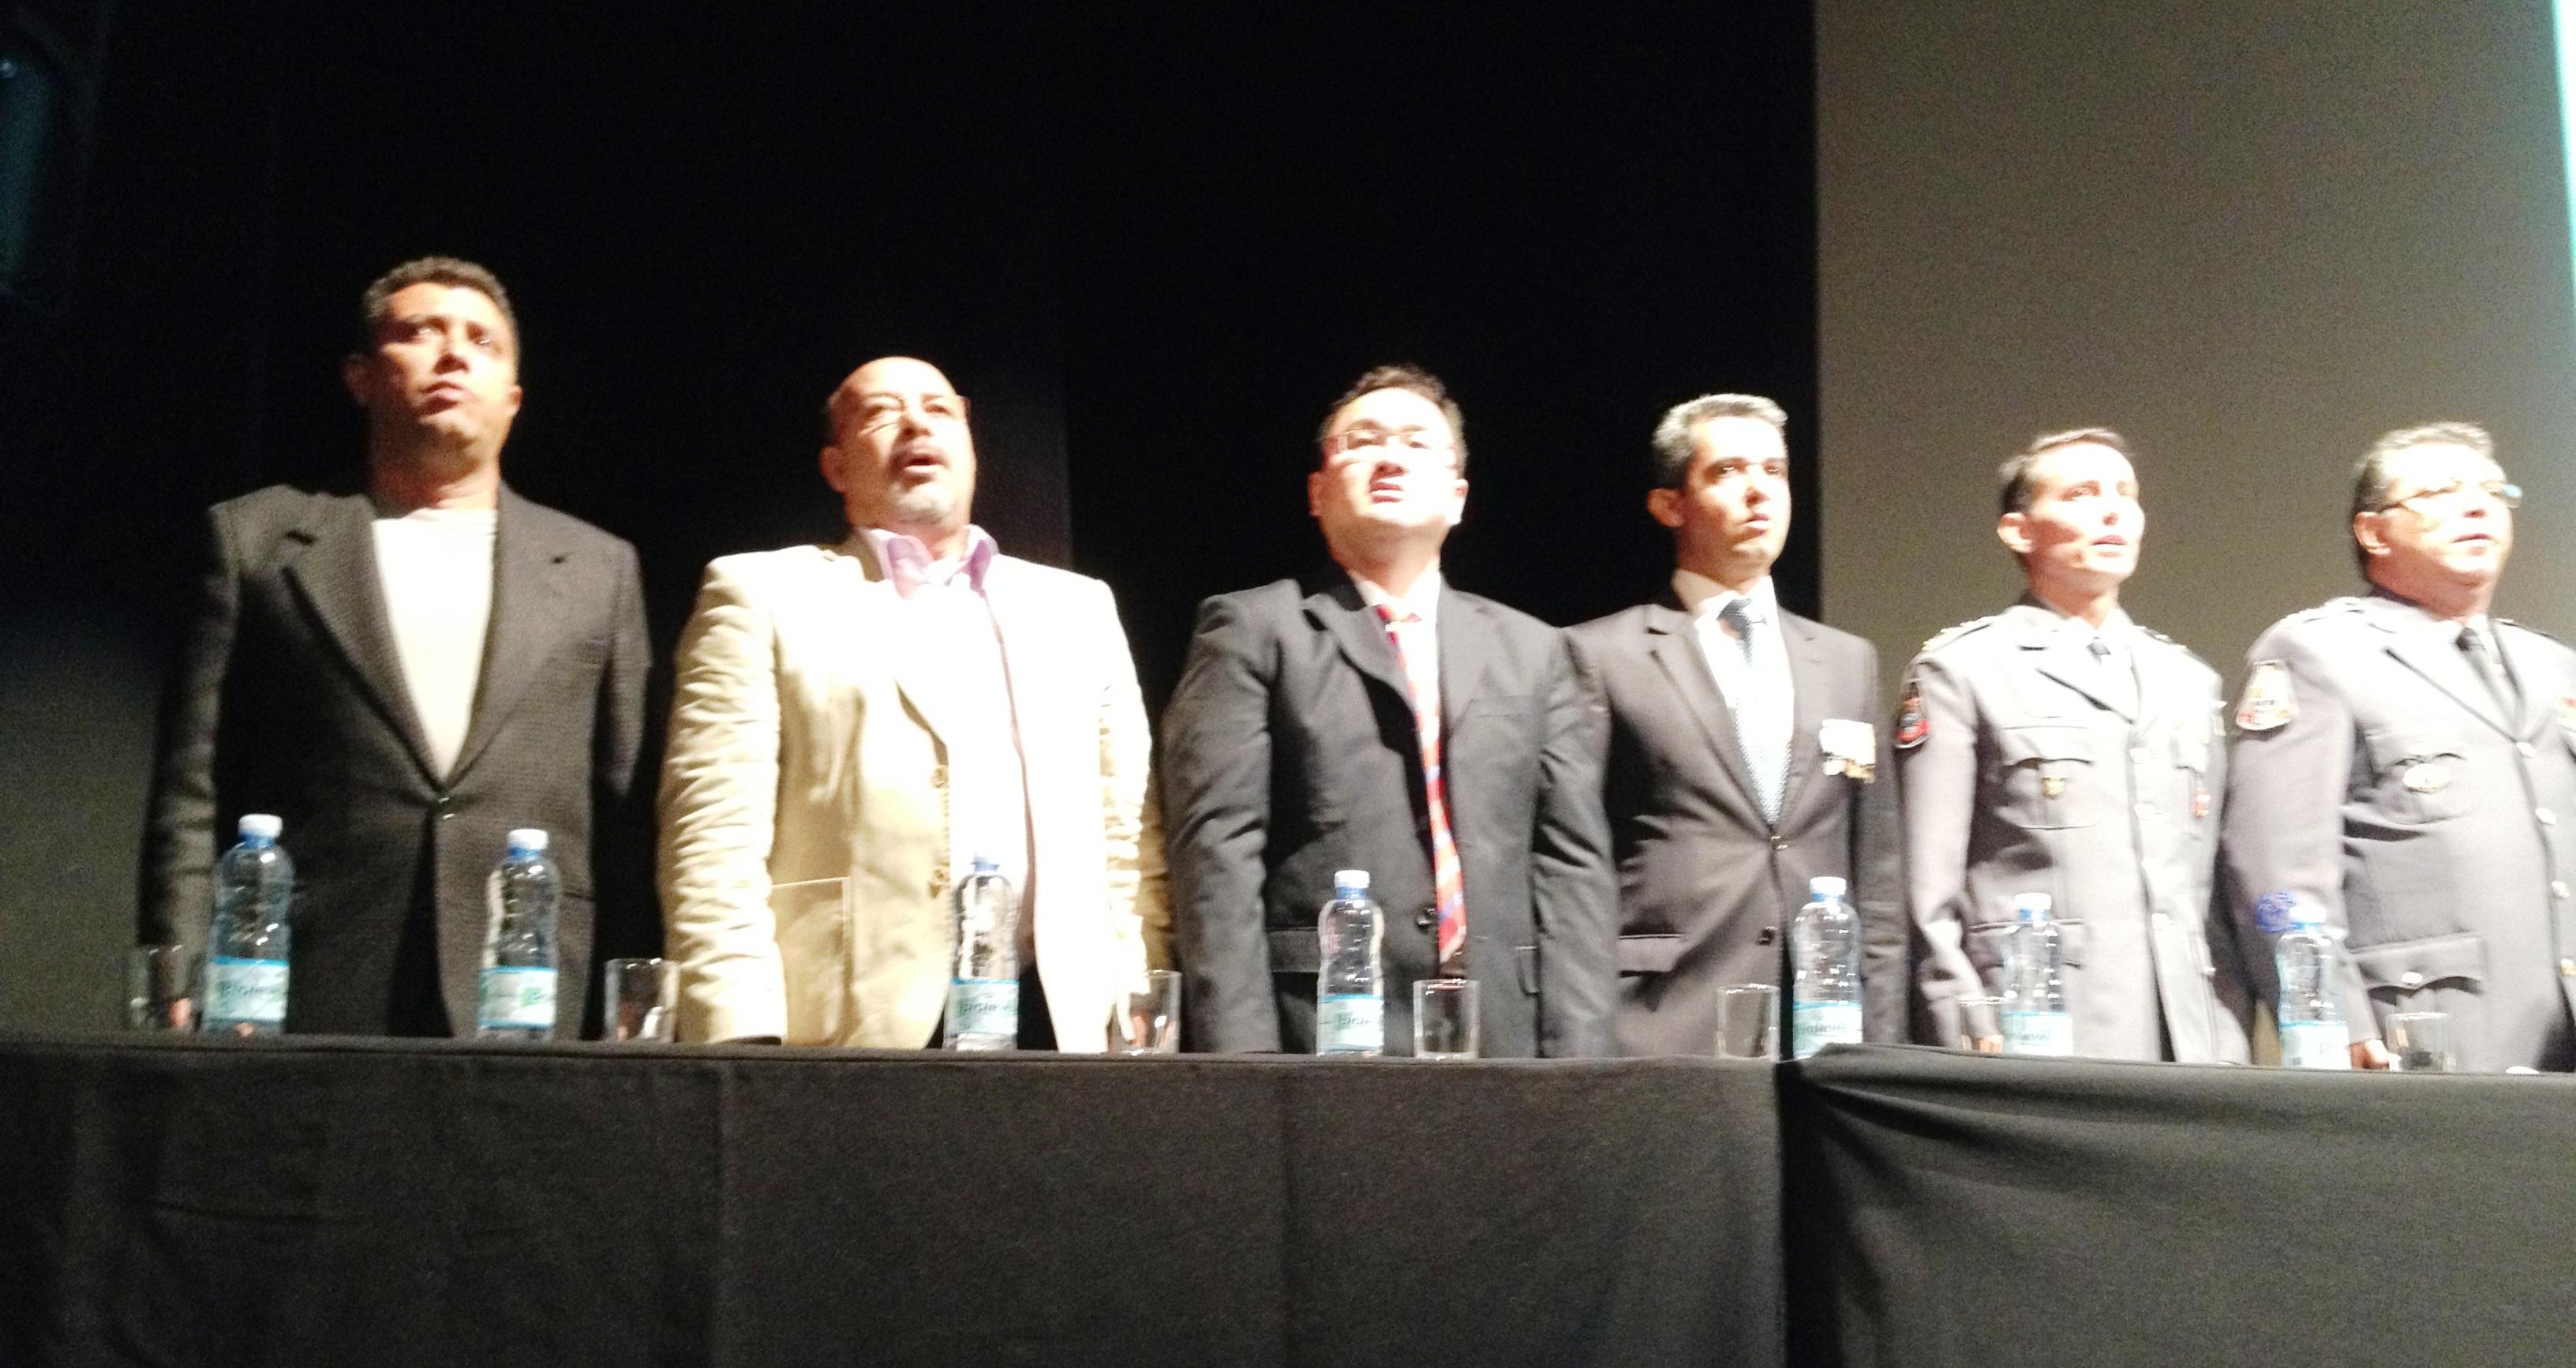 AMA PARTICIPA DE SOLENIDADE DE 8º ANIVERSÁRIO DO 52º BATALHÃO DA POLÍCIA MILITAR